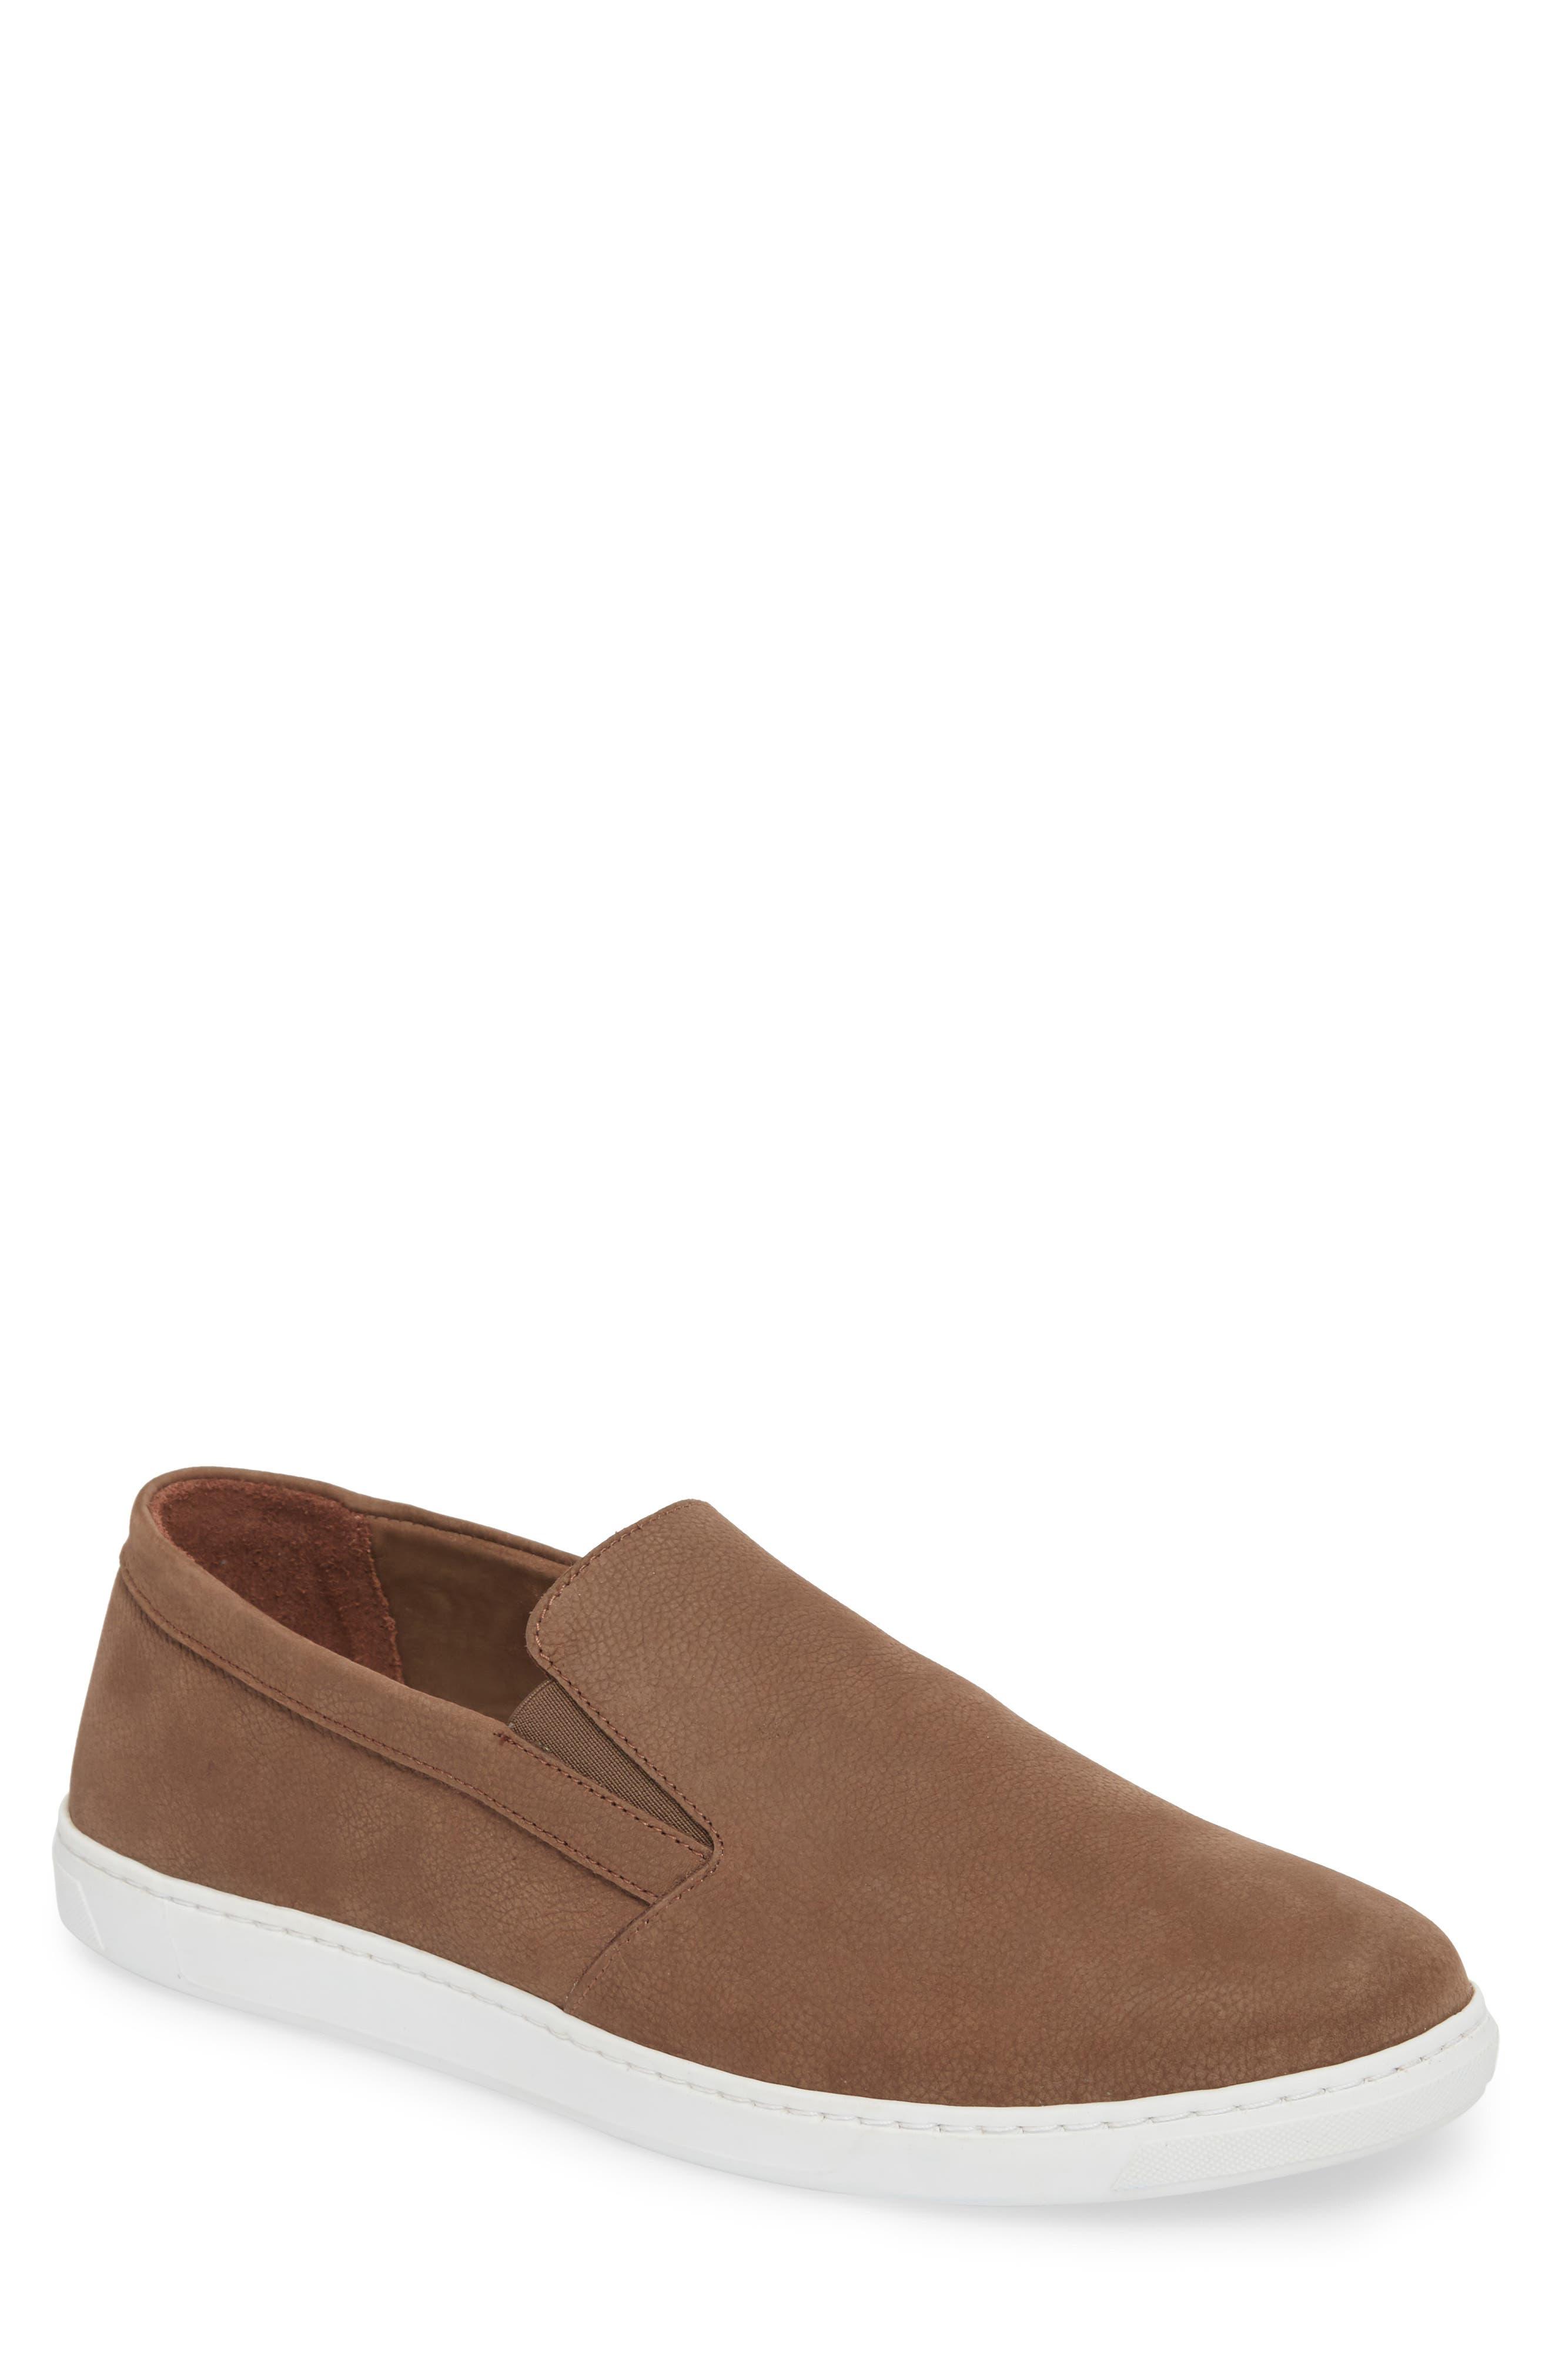 Vince Camuto Neff Slip-On Sneaker (Men)